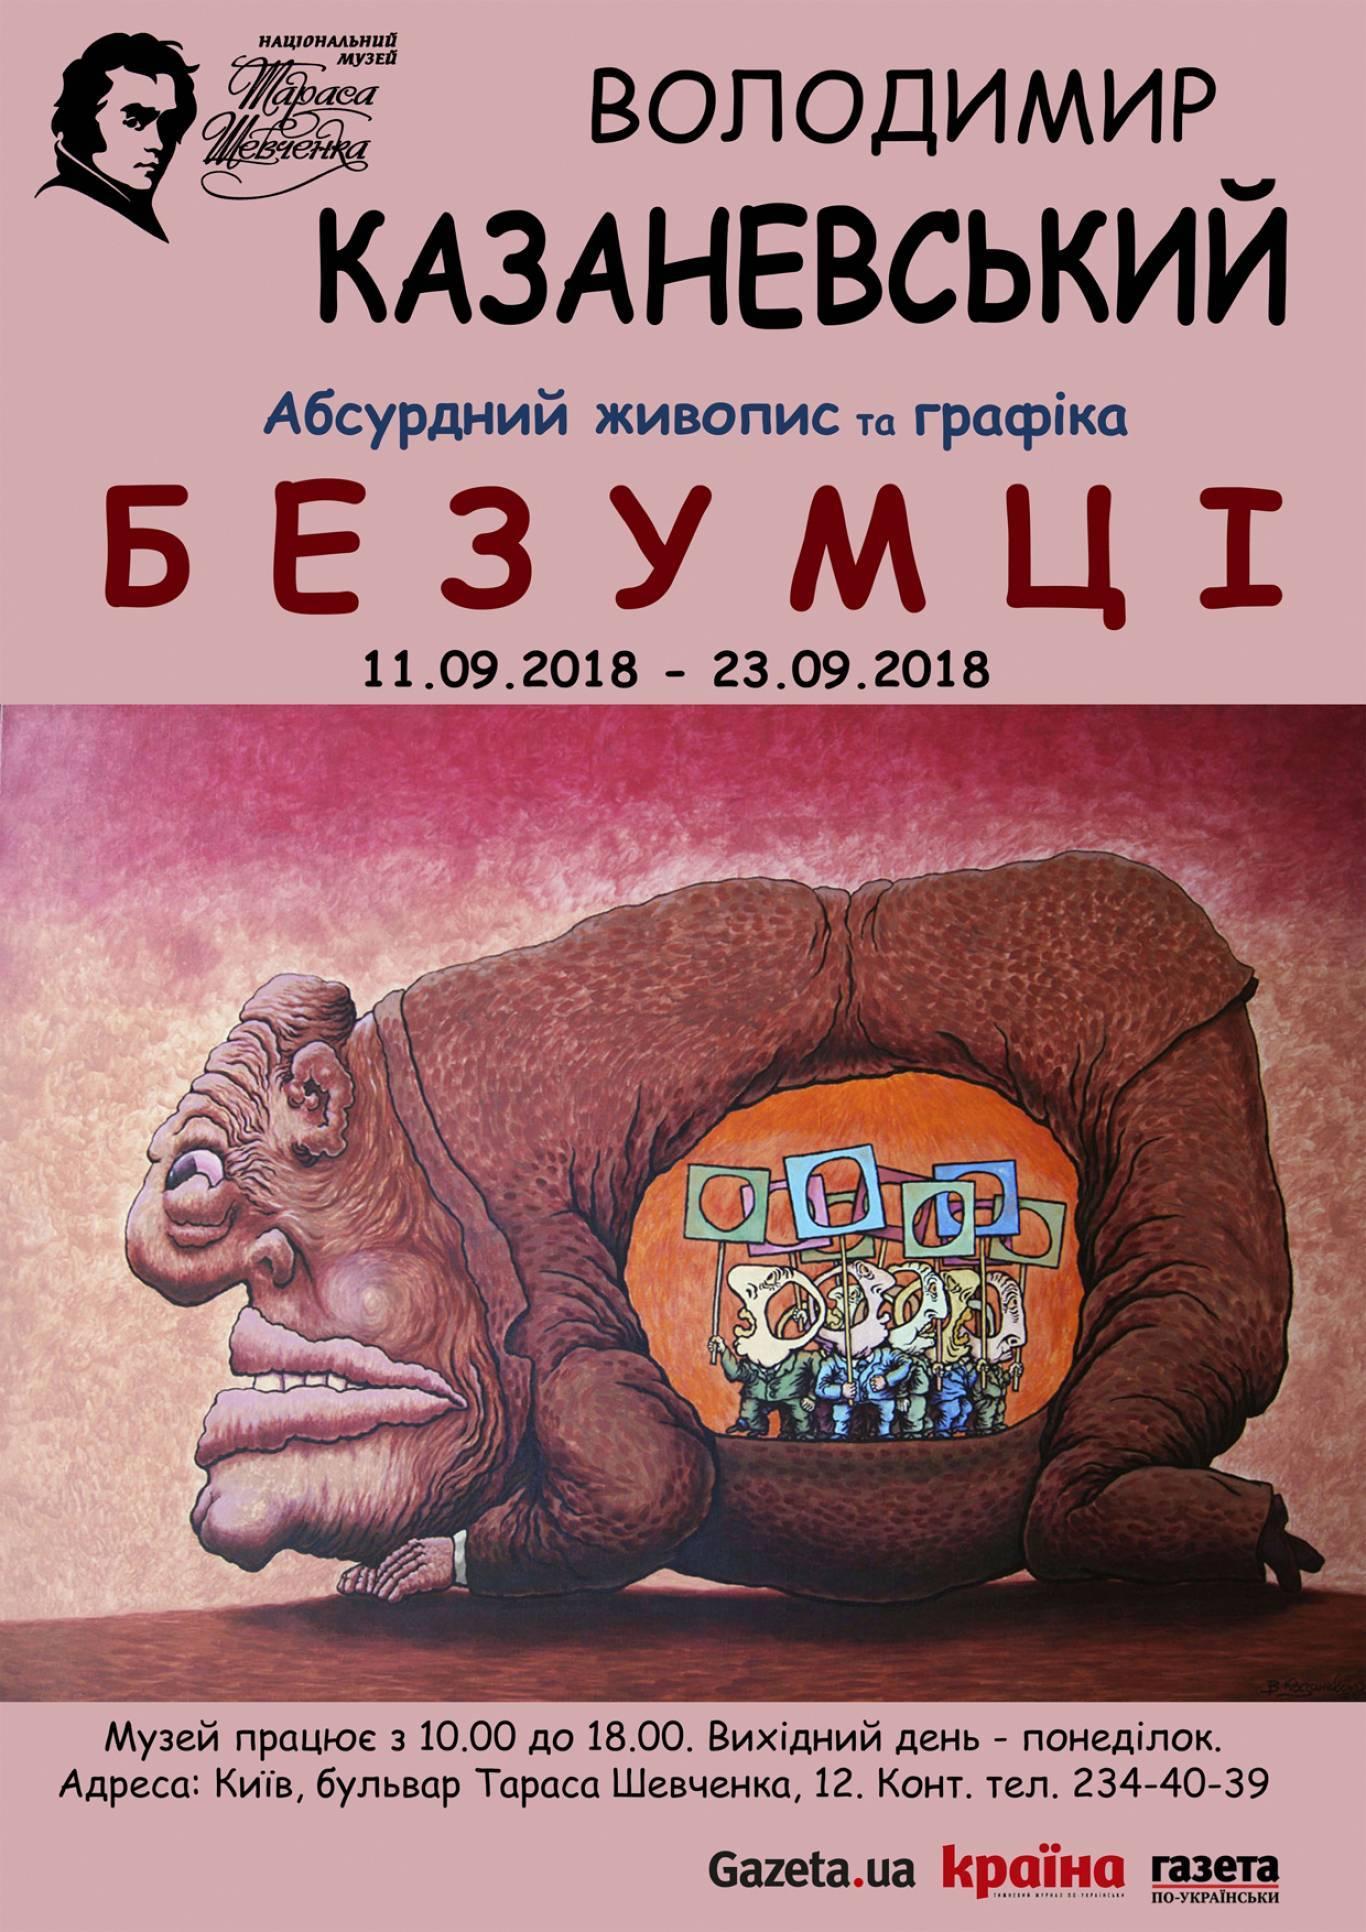 Виставка абсурдного живопису та графіки Володимира Казаневського